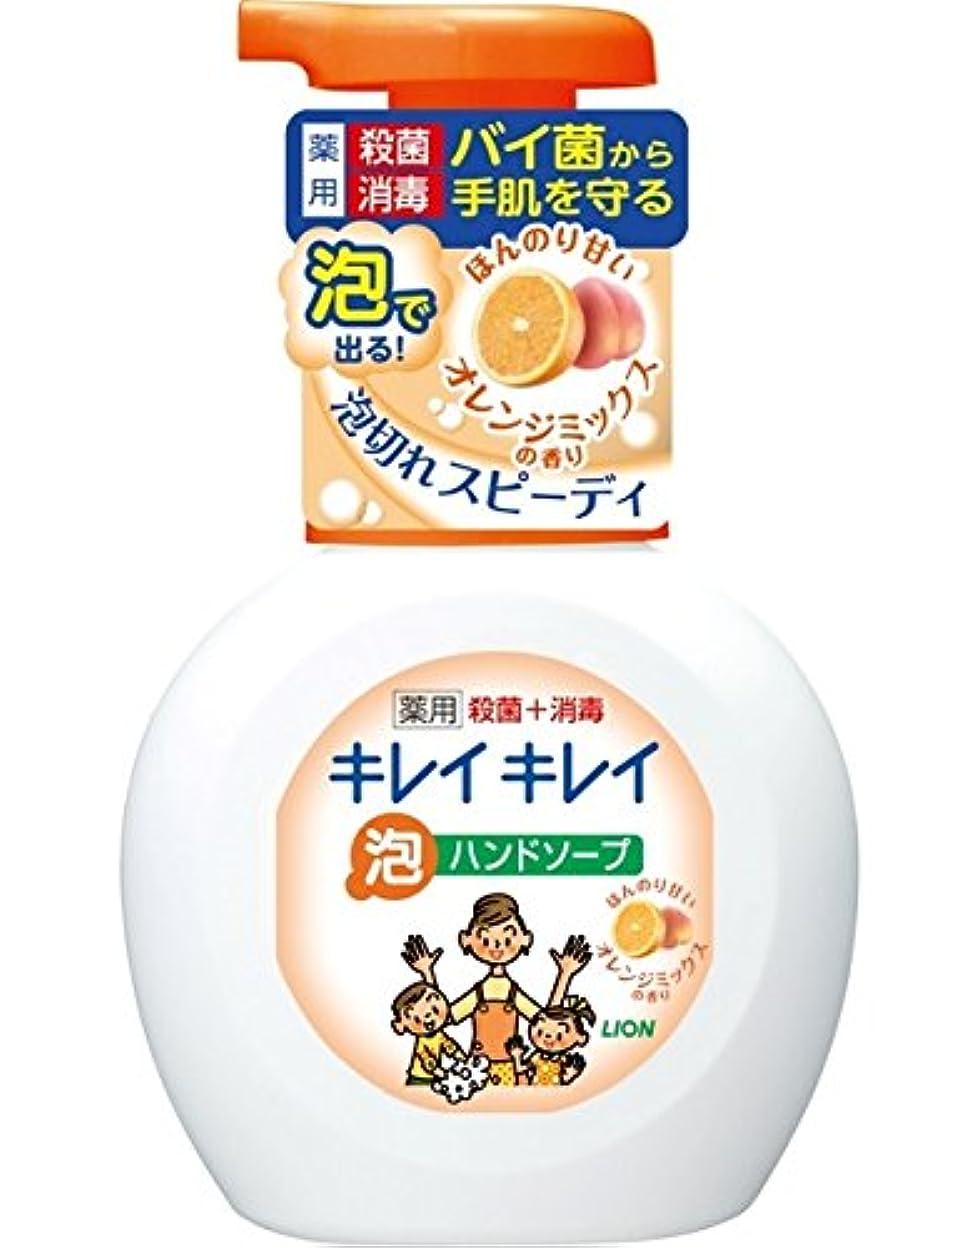 偽善面薄暗いキレイキレイ薬用泡ハンドソープオレンジミックスの香りポンプ250mL